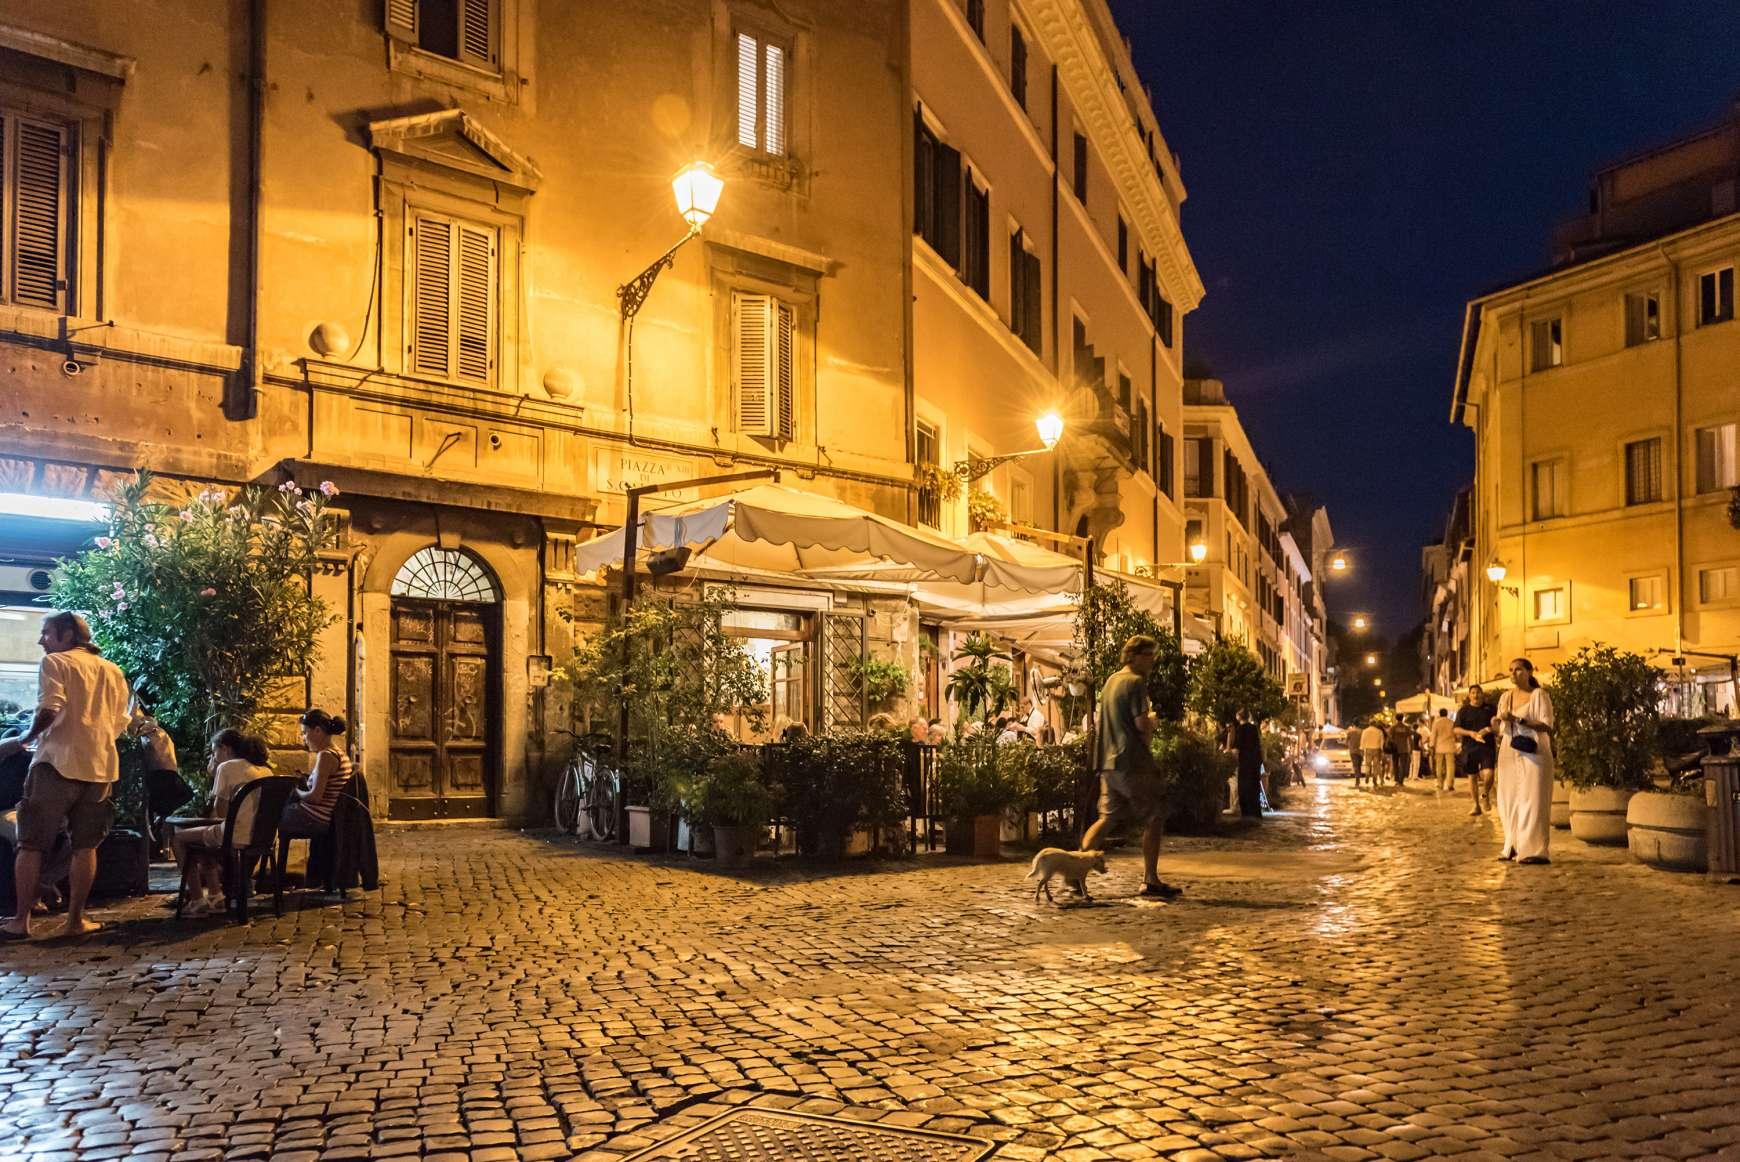 Night view of narrow Roman street